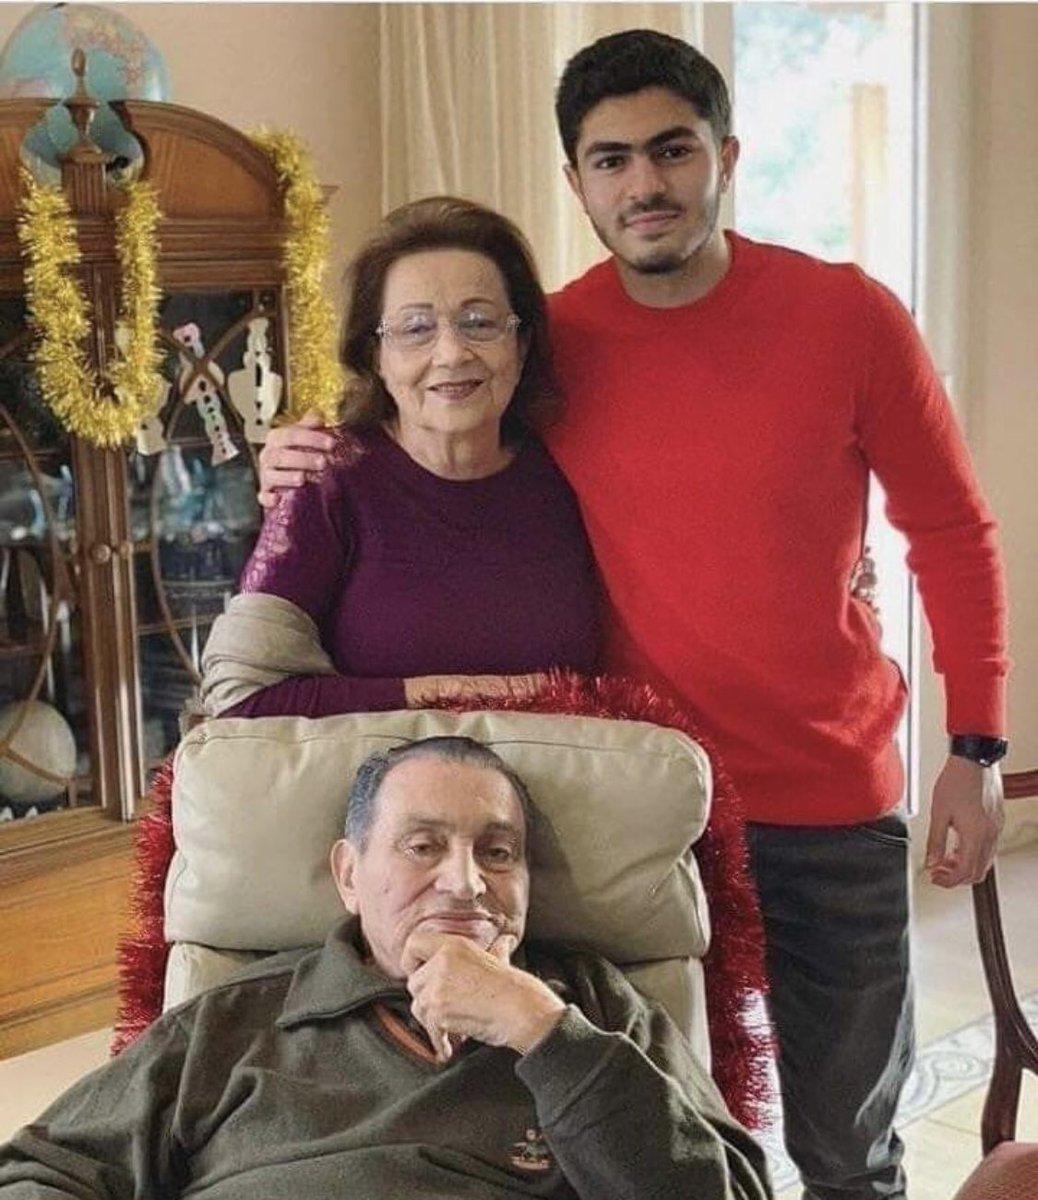 حكم نهائي ببراءة الرئيس المصري السابق حسني مبارك من تهمة قتل متظاهرين D5vugGsUUAEUWnF